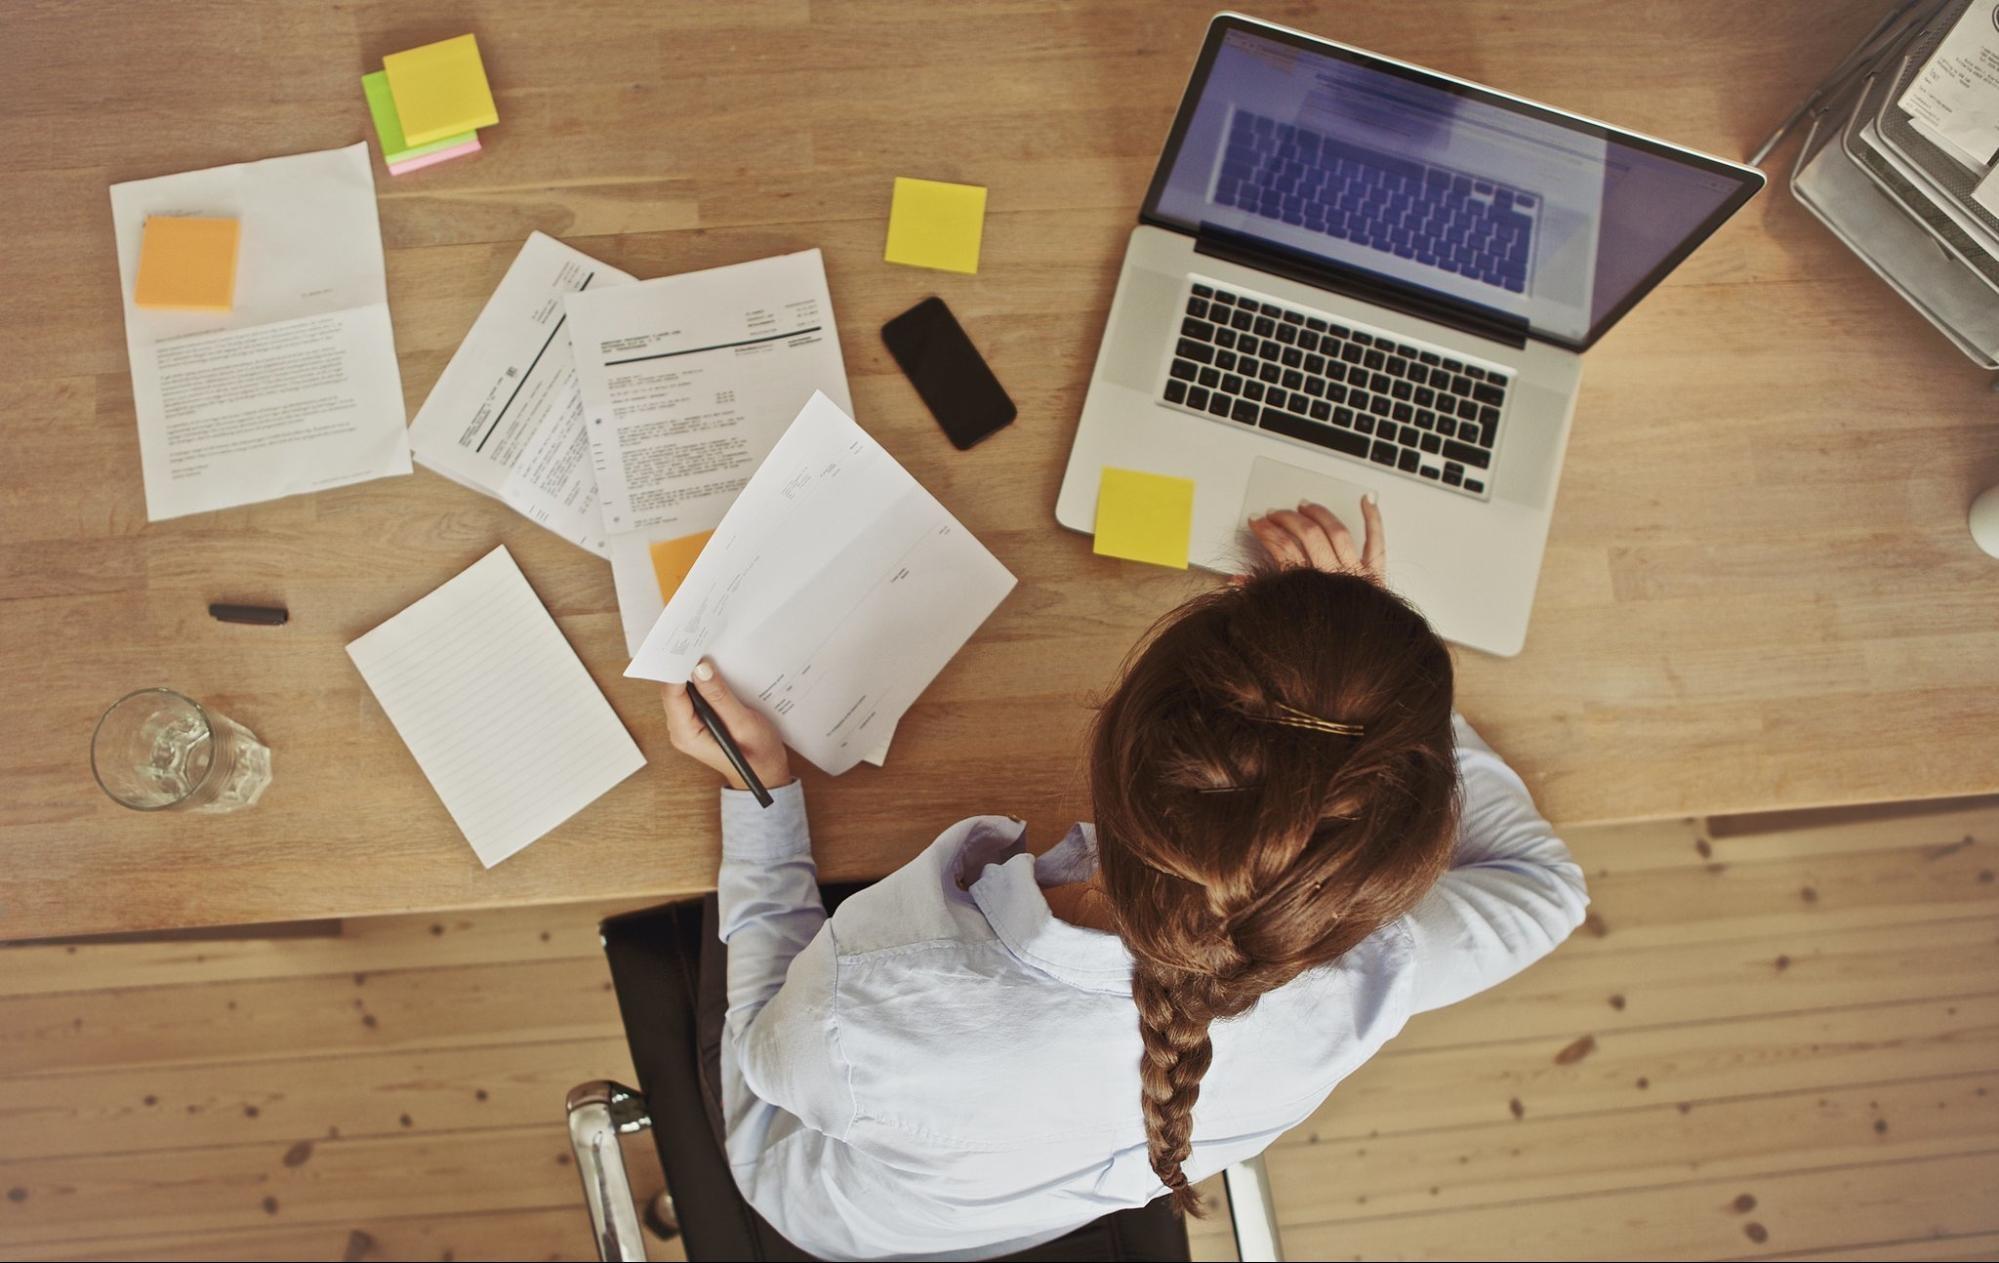 Работа, на которую не нужно ходить: 10 простых способов стать удаленным сотрудником